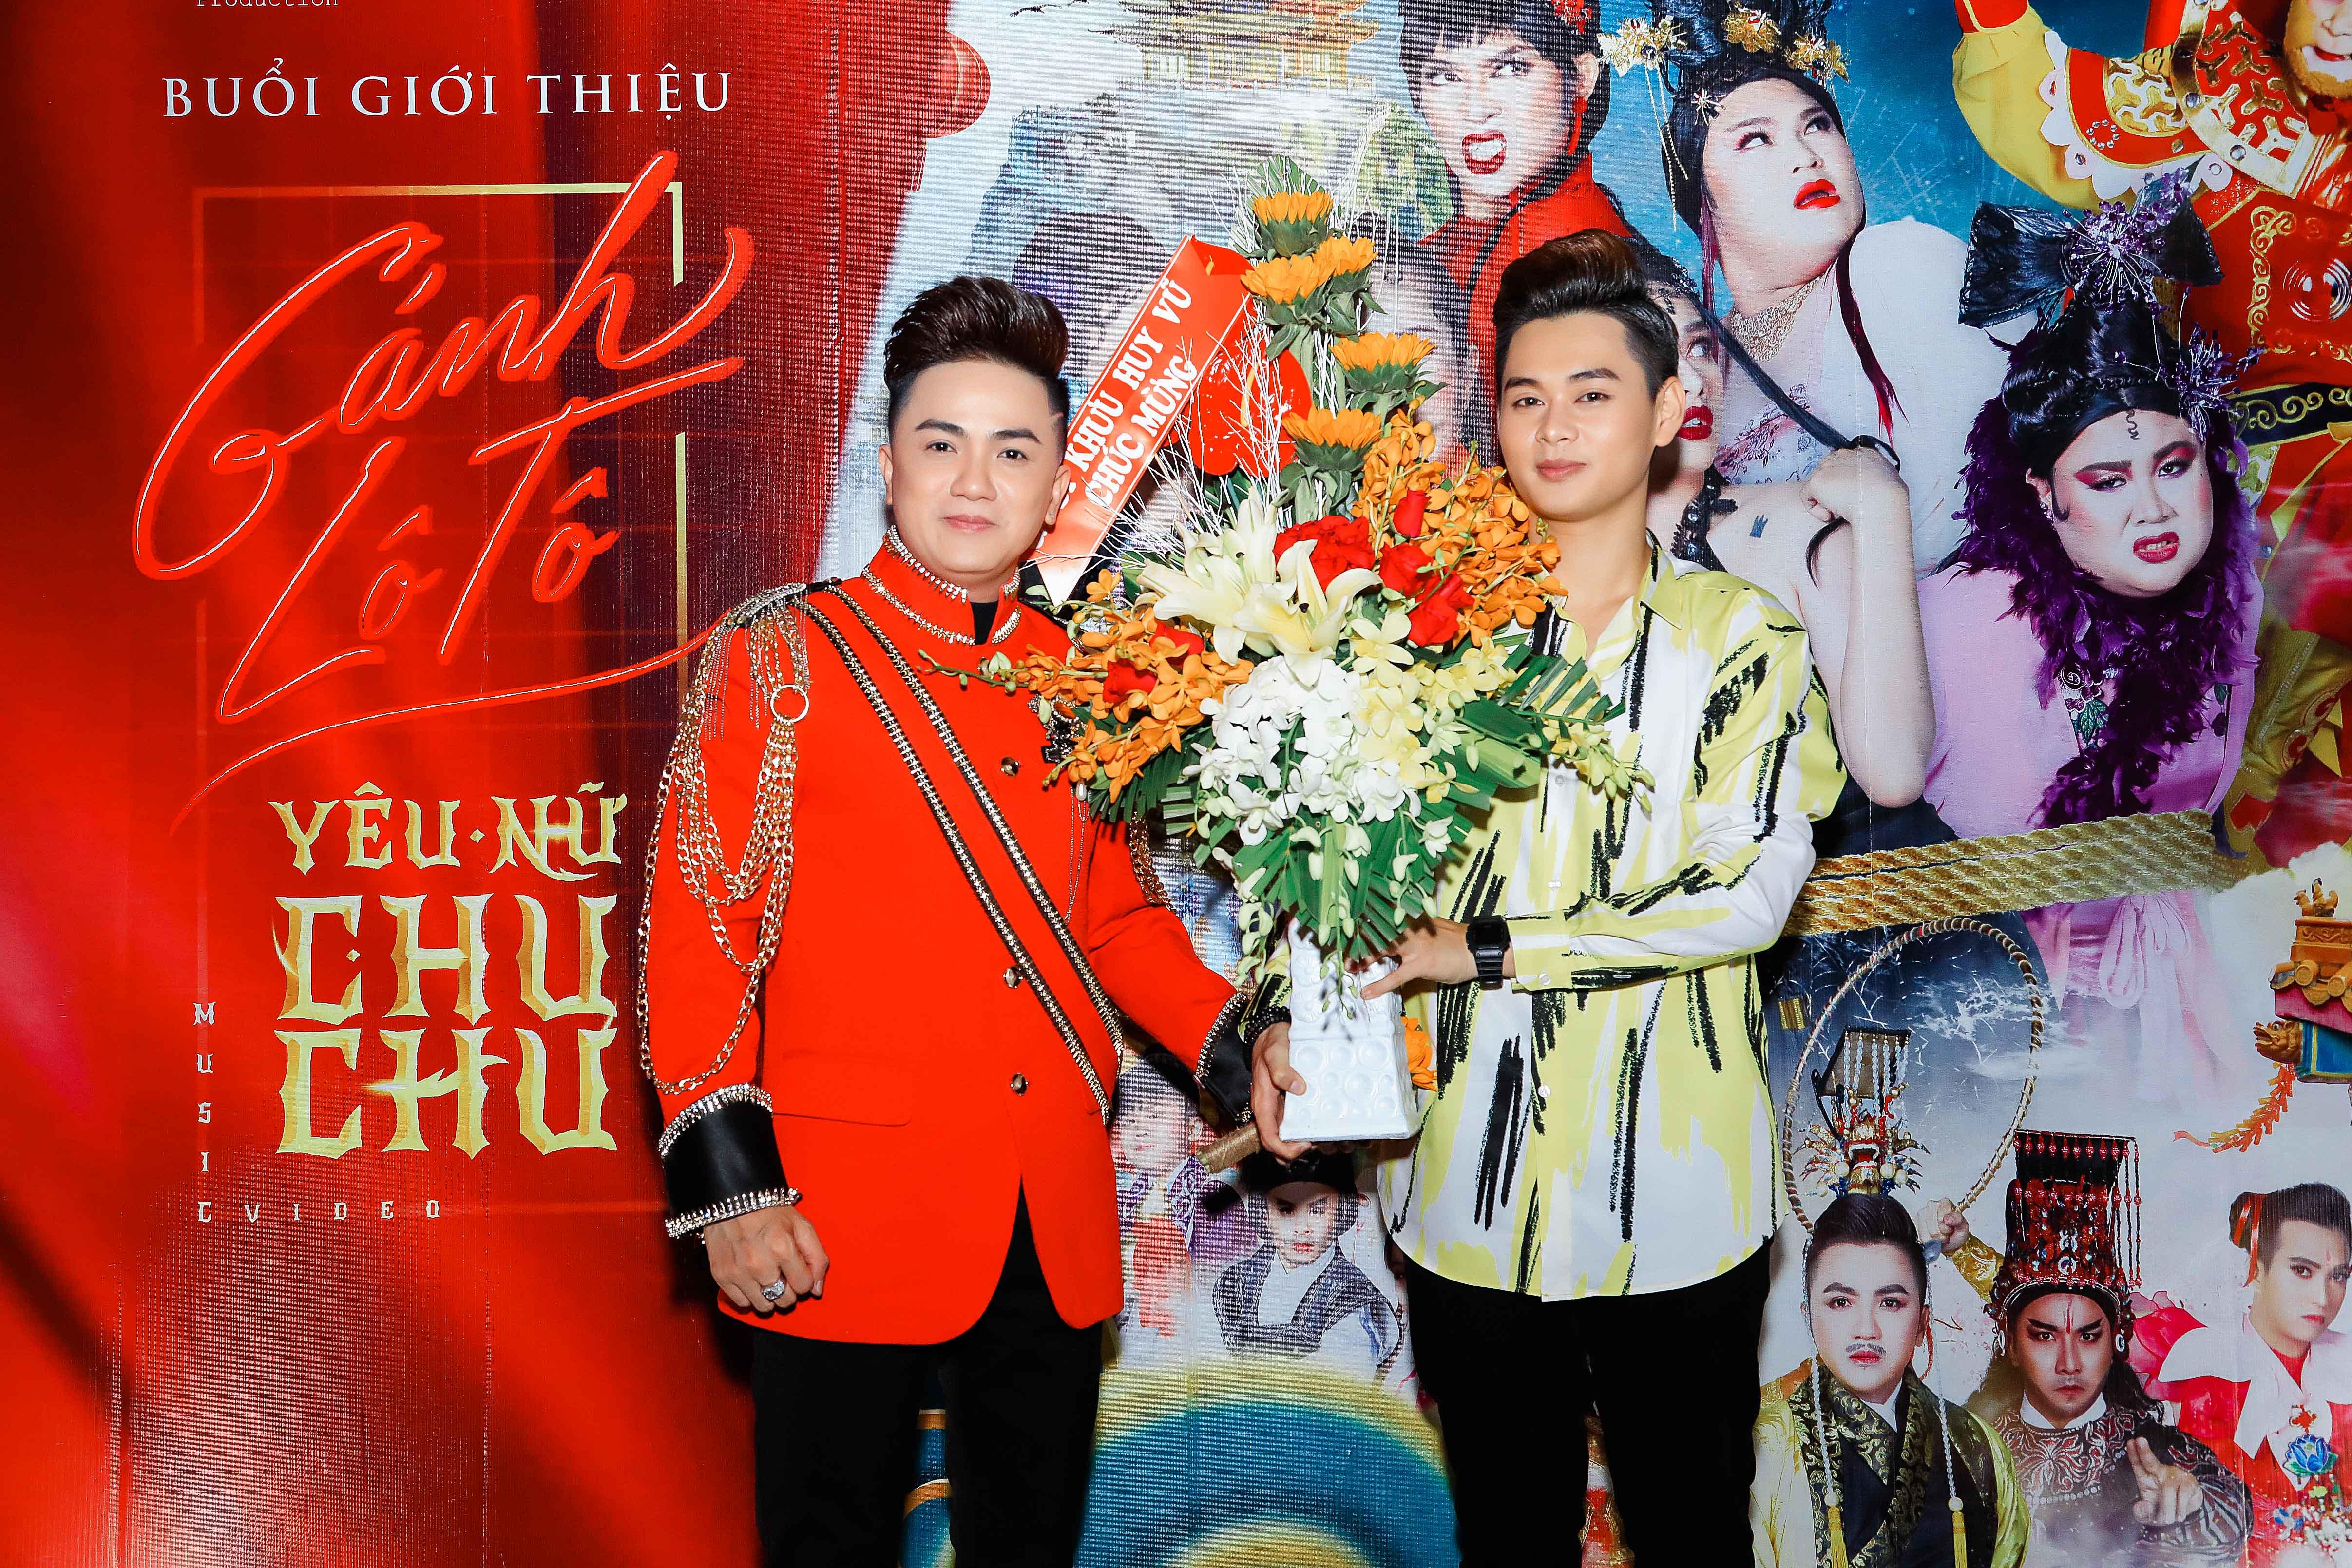 Làm MV 200 triệu, Bảo Chu chia sẻ mong muốn: 'Hi vọng lô tô được công nhận và bước lên một tầm cao mới'